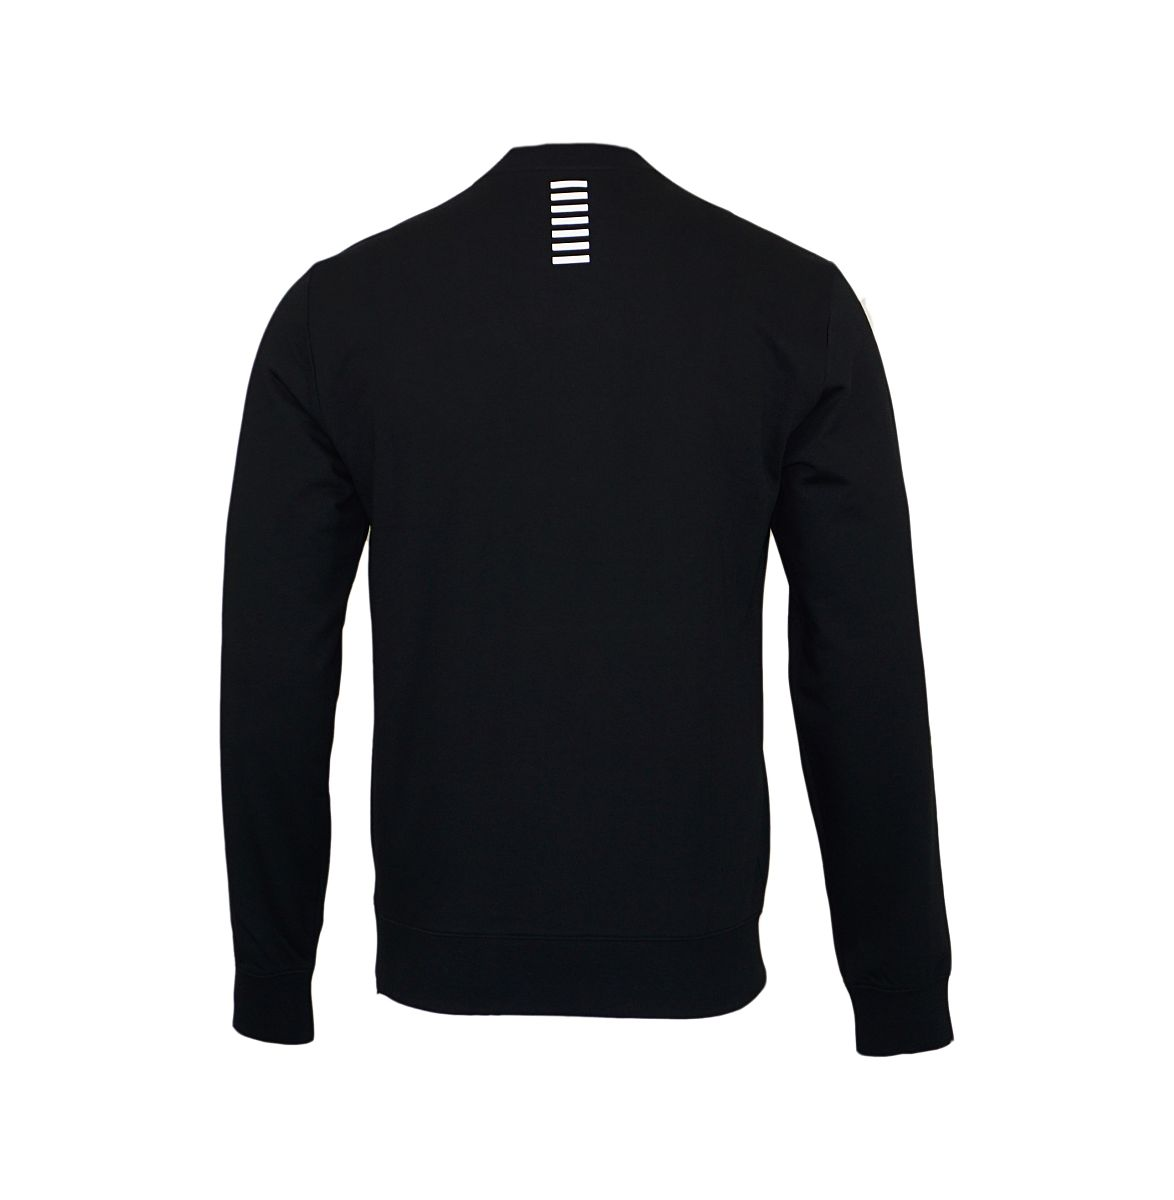 EA7 Emporio Armani Pullover Sweatshirt Rundhals 6YPM52 PJ05Z 1200 Black HW17-EAP1